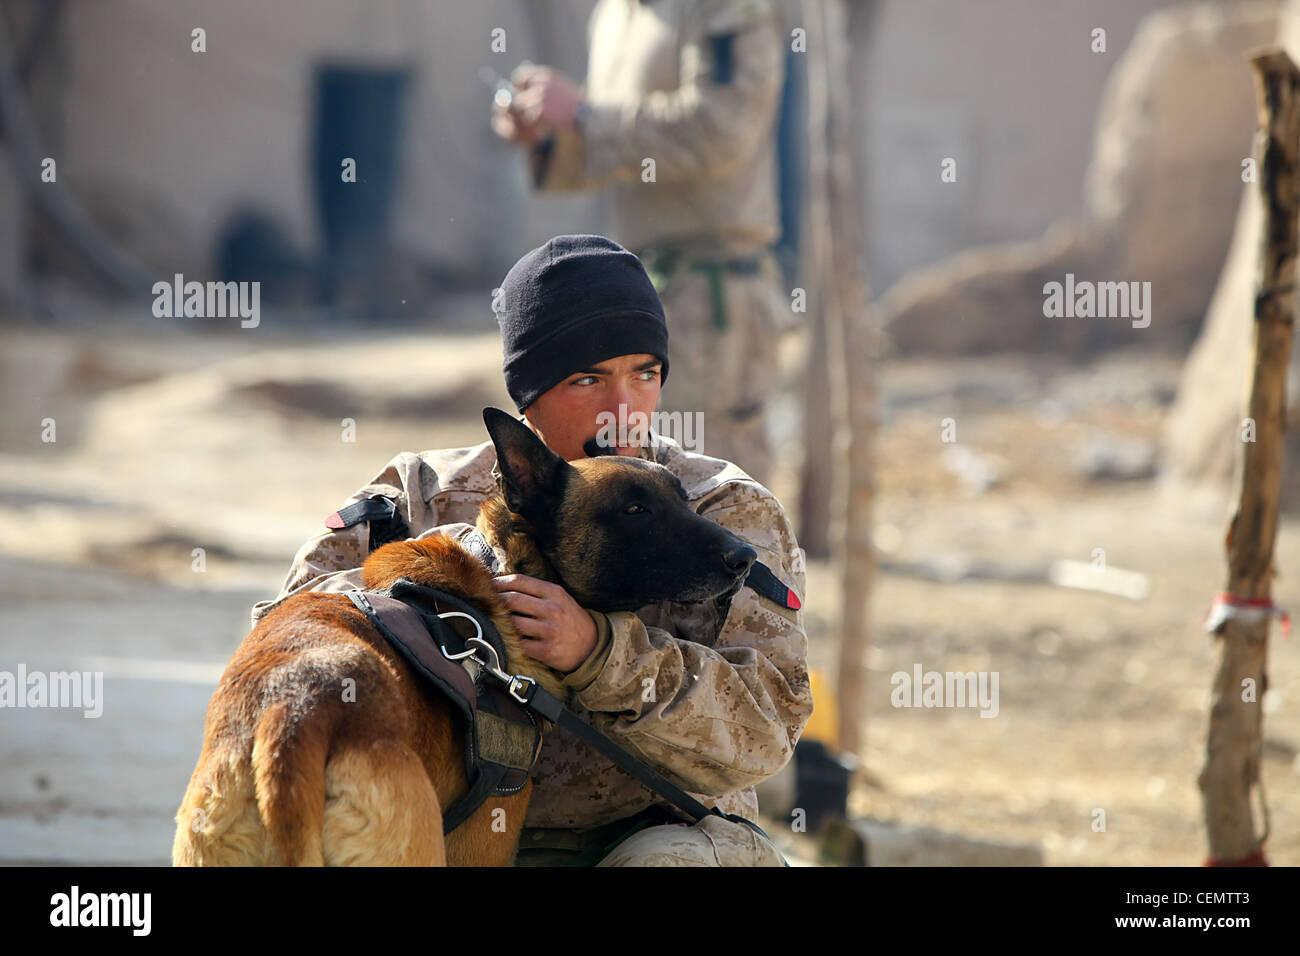 Le caporal derrick Magee, 21 ans, conducteur de chien avec 2e bataillon, 4e marines, de Vineland, N.J. prend soin Photo Stock